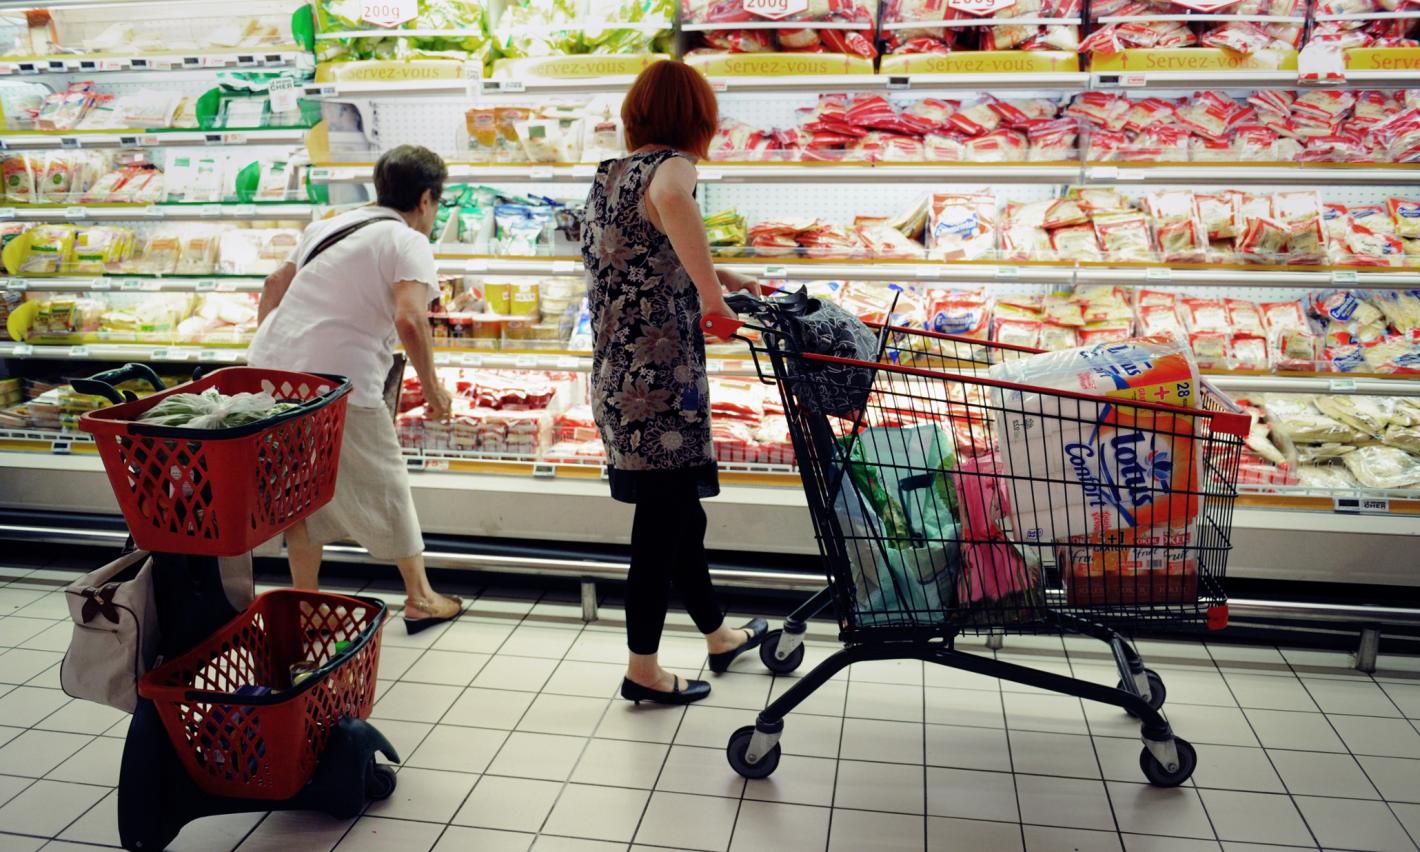 Tarjeta AlimentAr: ¿ de que monto será y que productos se pueden comprar?